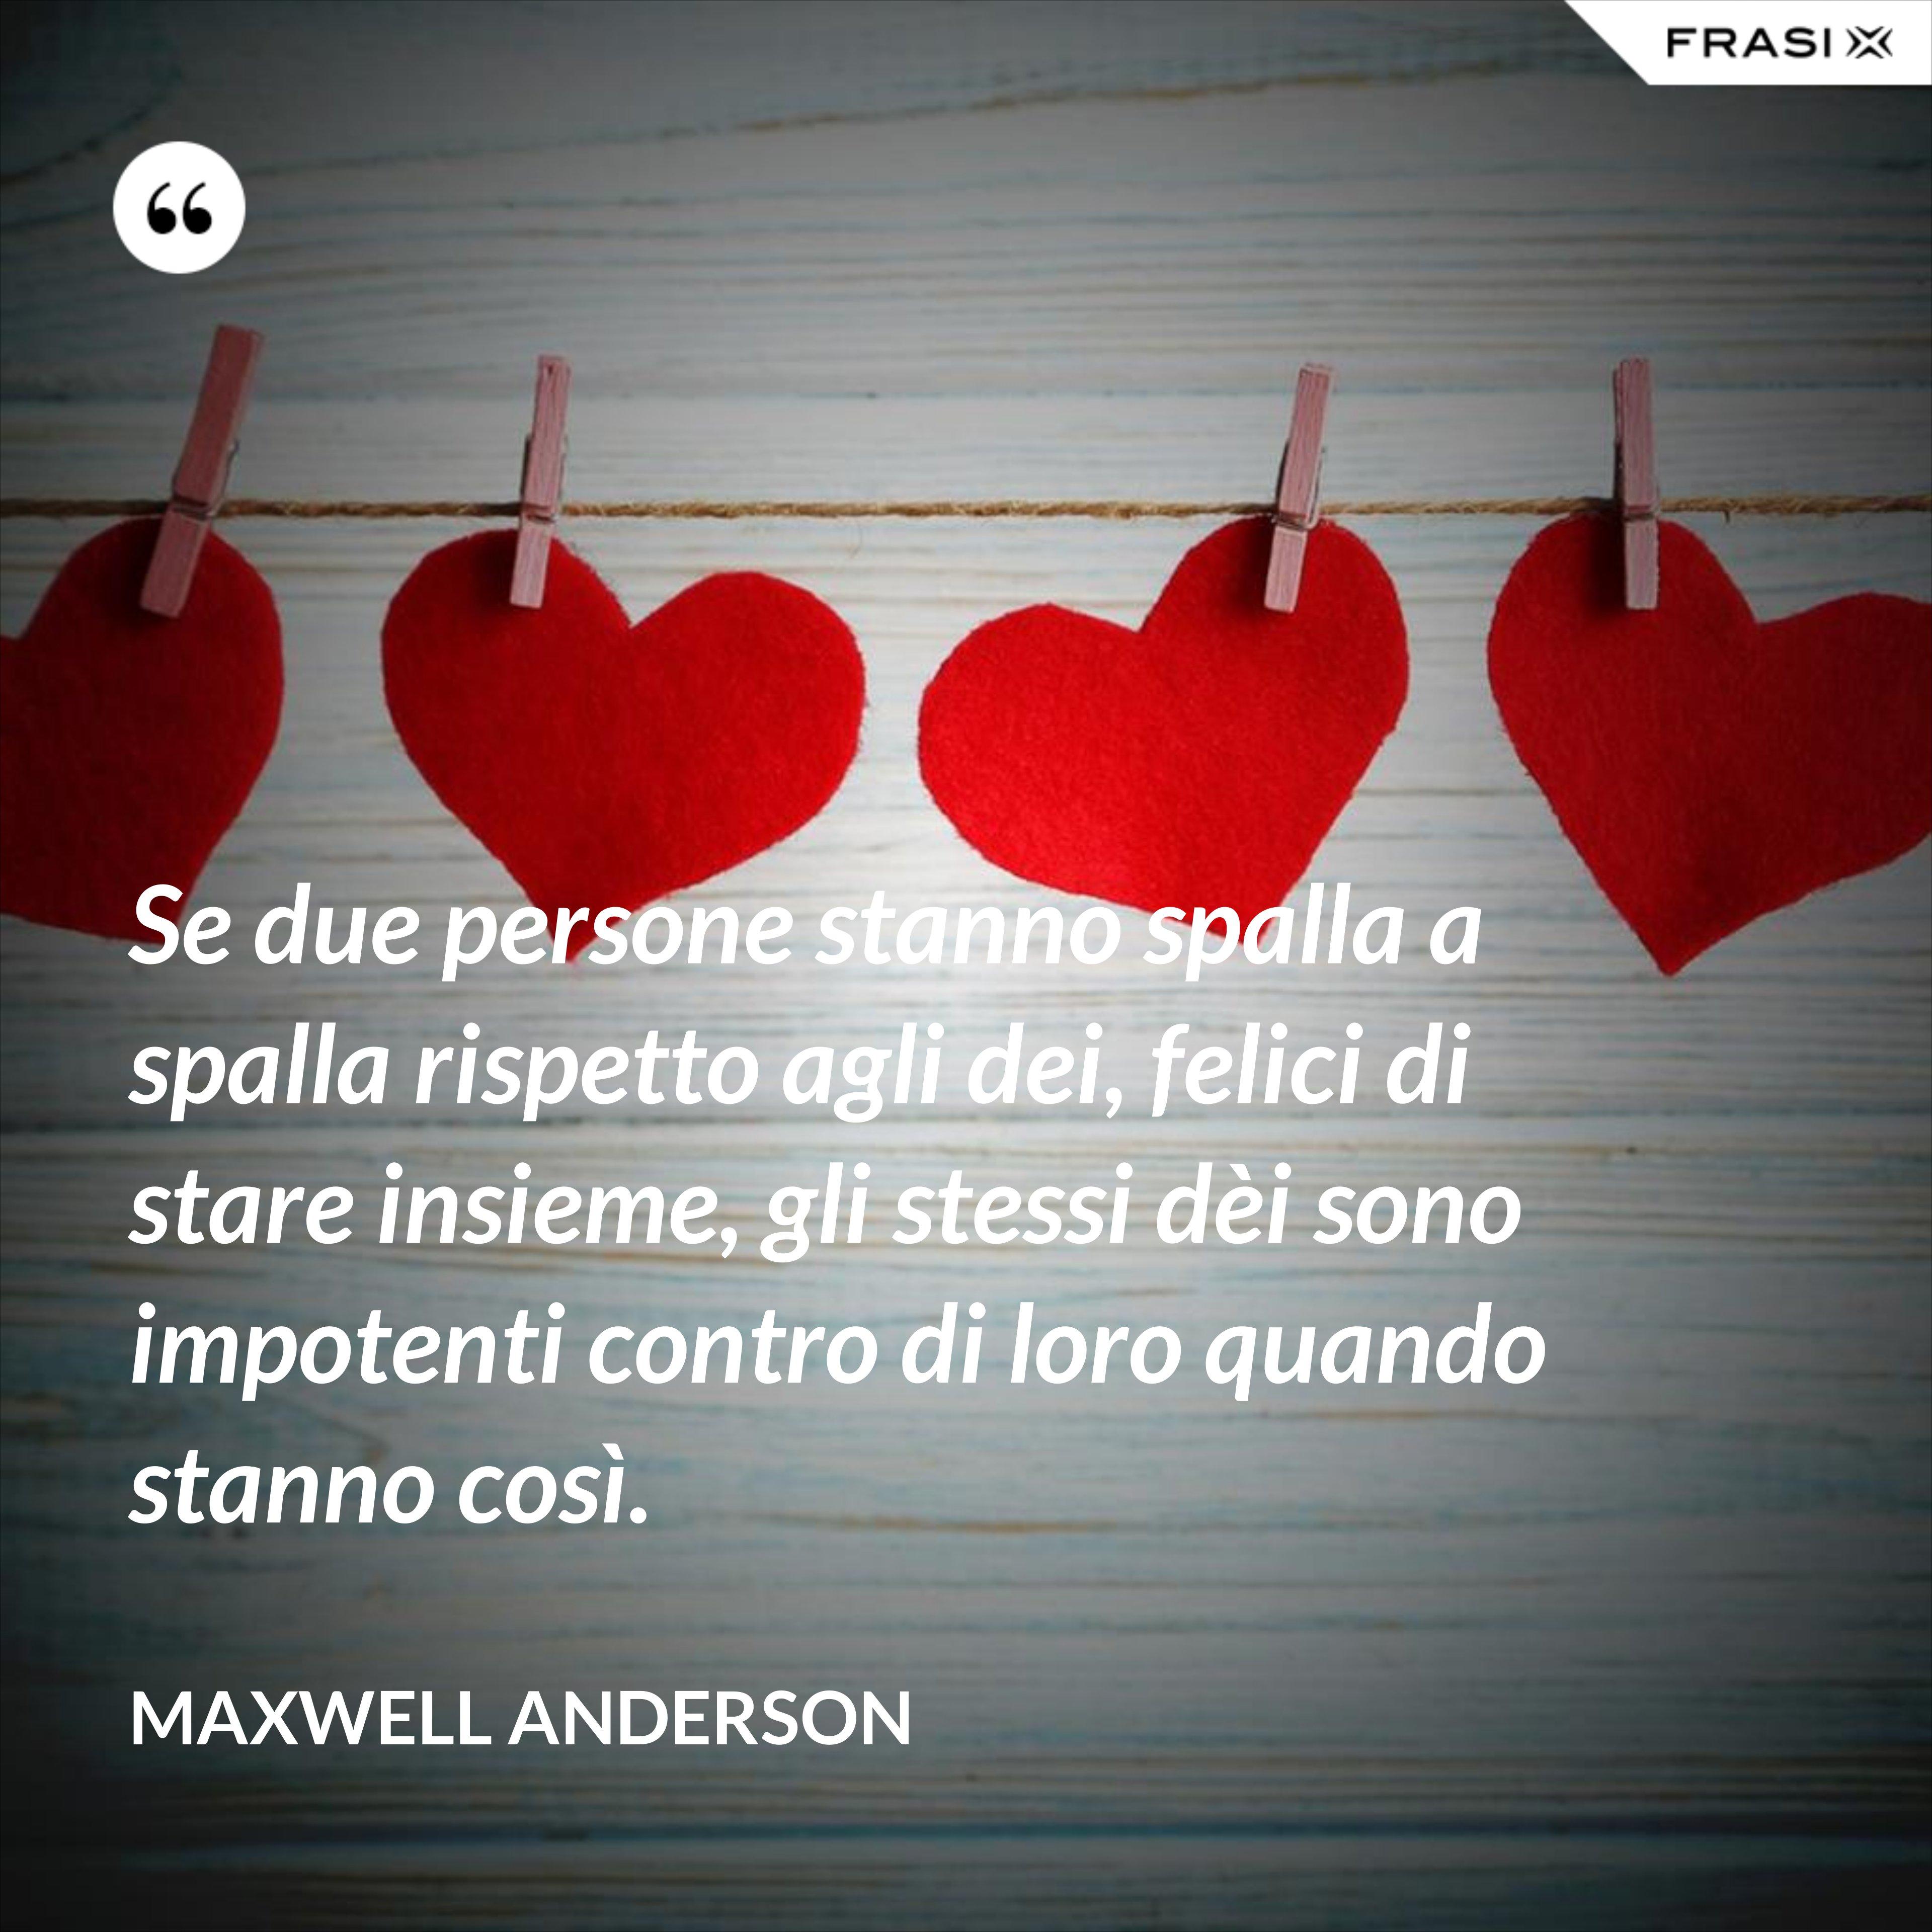 Se due persone stanno spalla a spalla rispetto agli dei, felici di stare insieme, gli stessi dèi sono impotenti contro di loro quando stanno così. - Maxwell Anderson